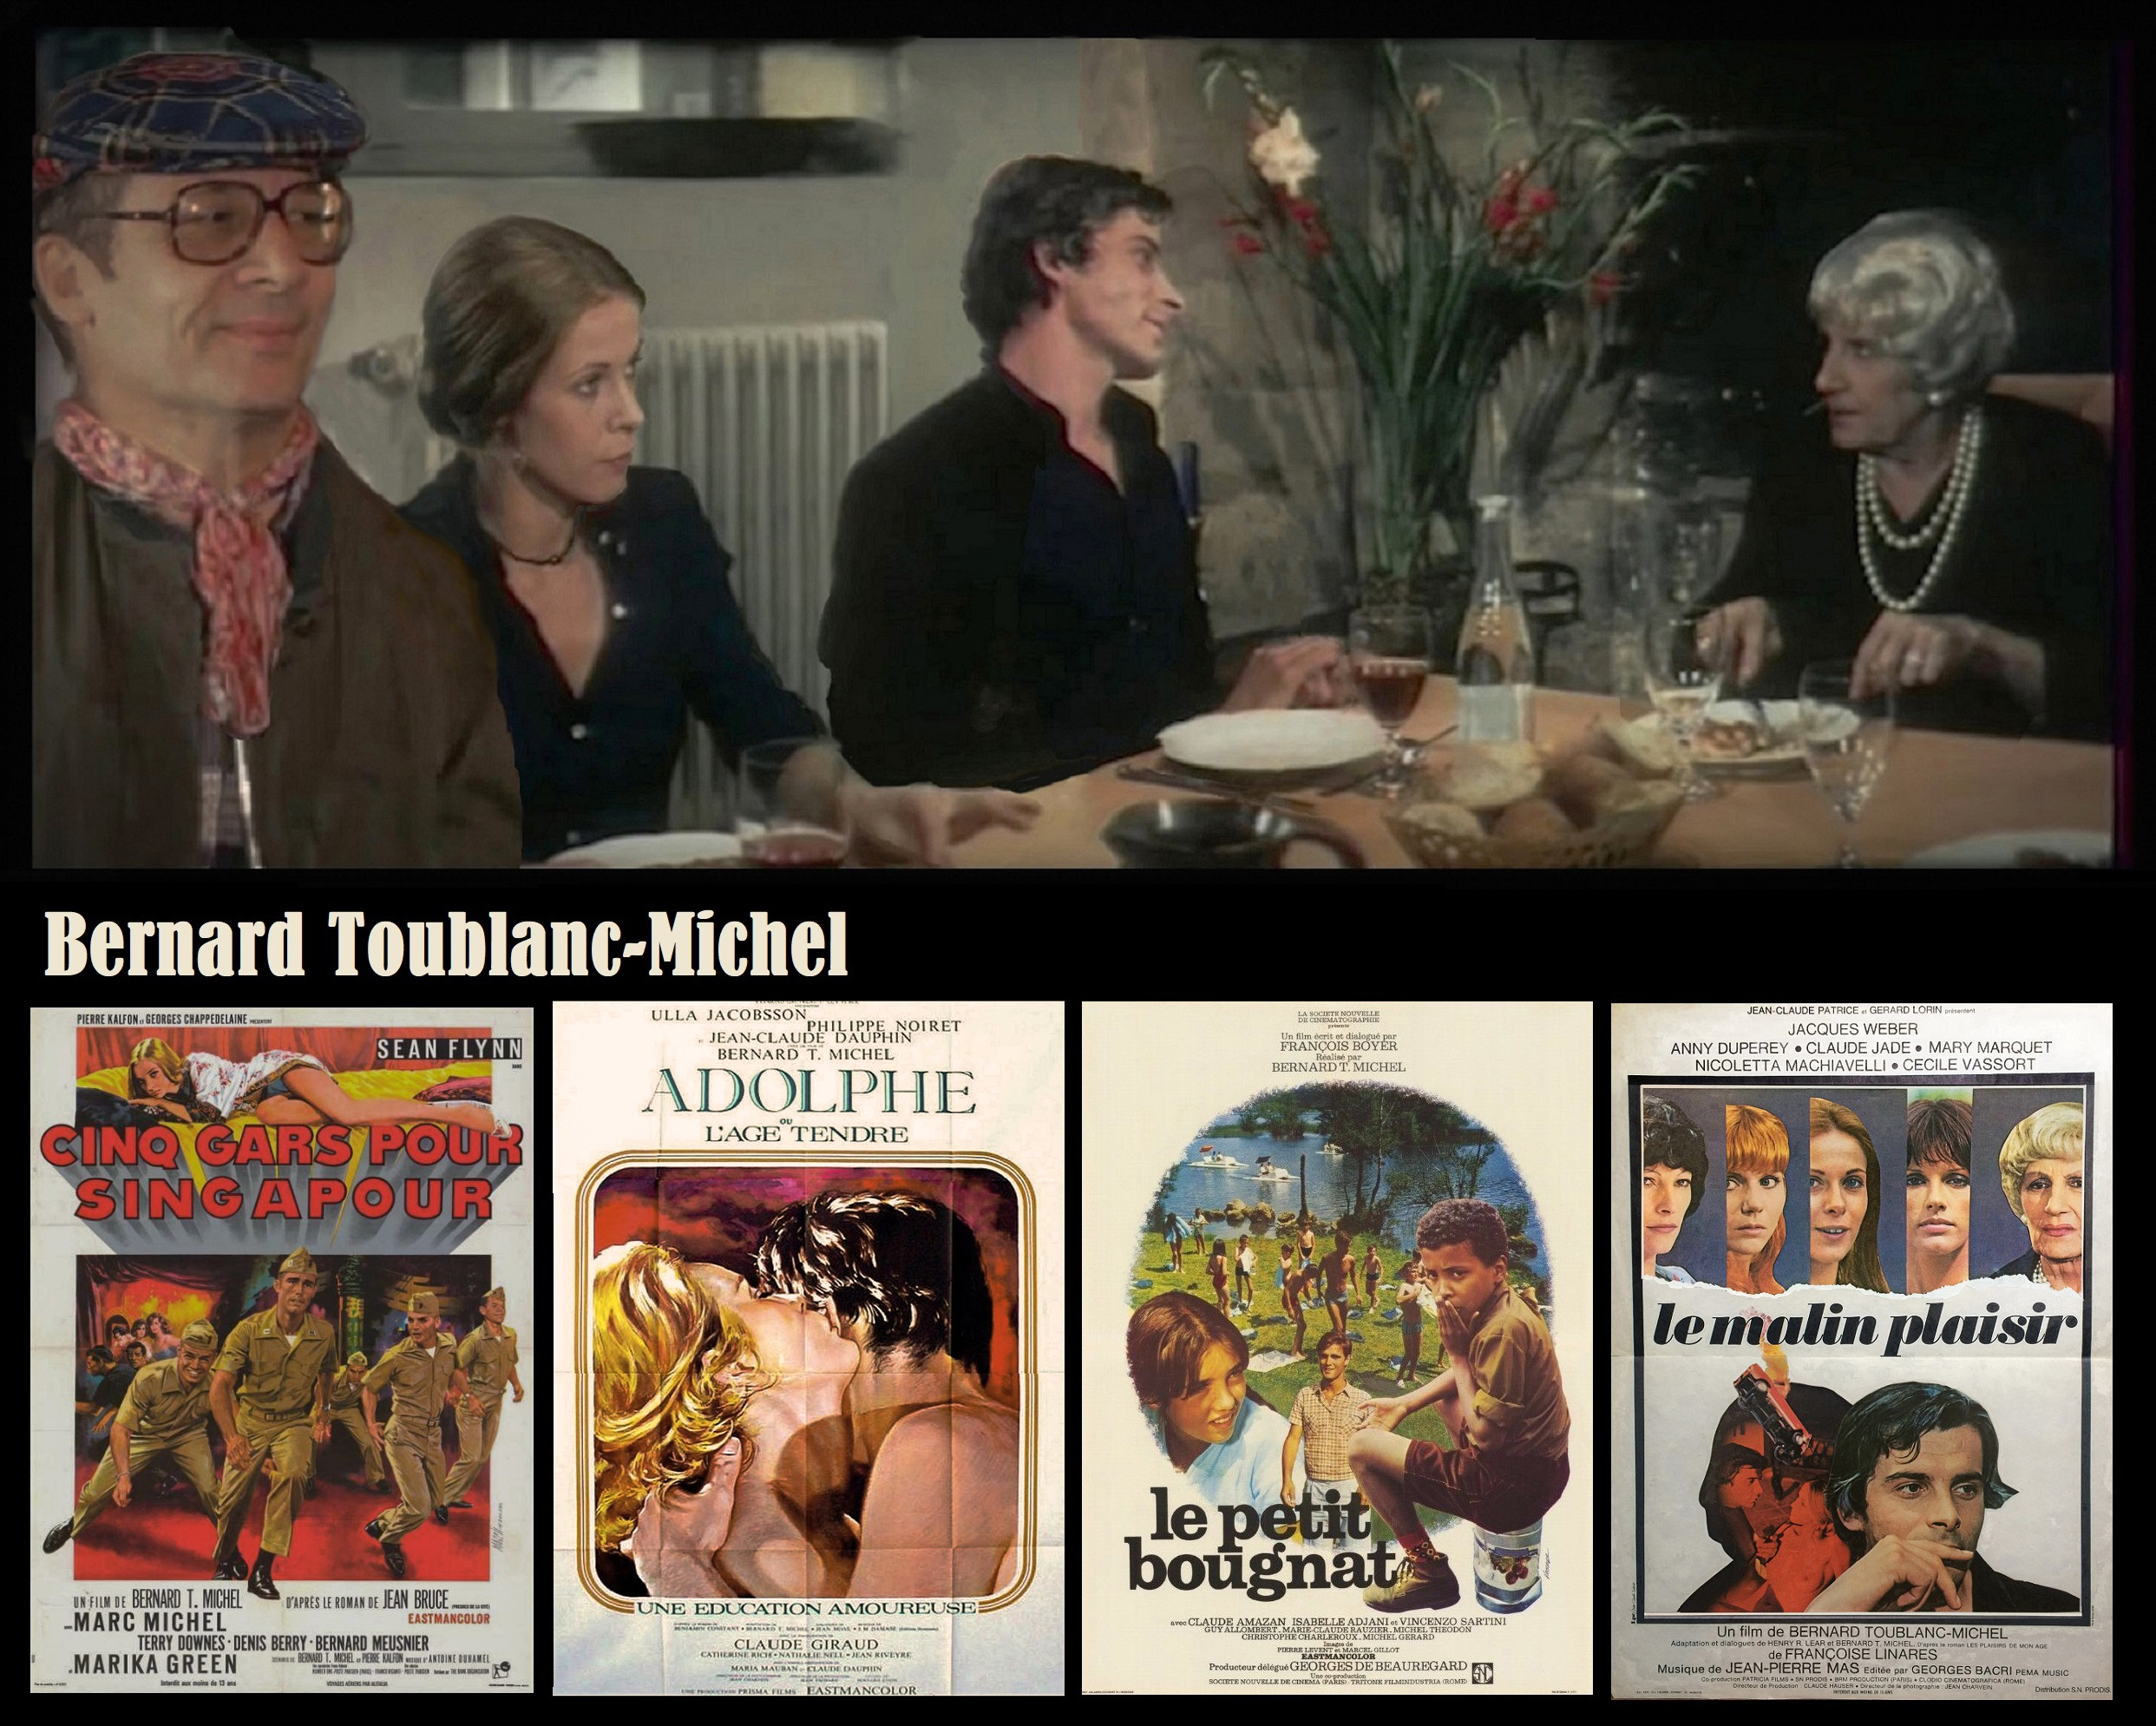 bernard toublanc michel filmographie cinq gars pour singapour adolphe le petit bougnat le malin plalsir films Bernard T Michel Bernard Toublanc Michel